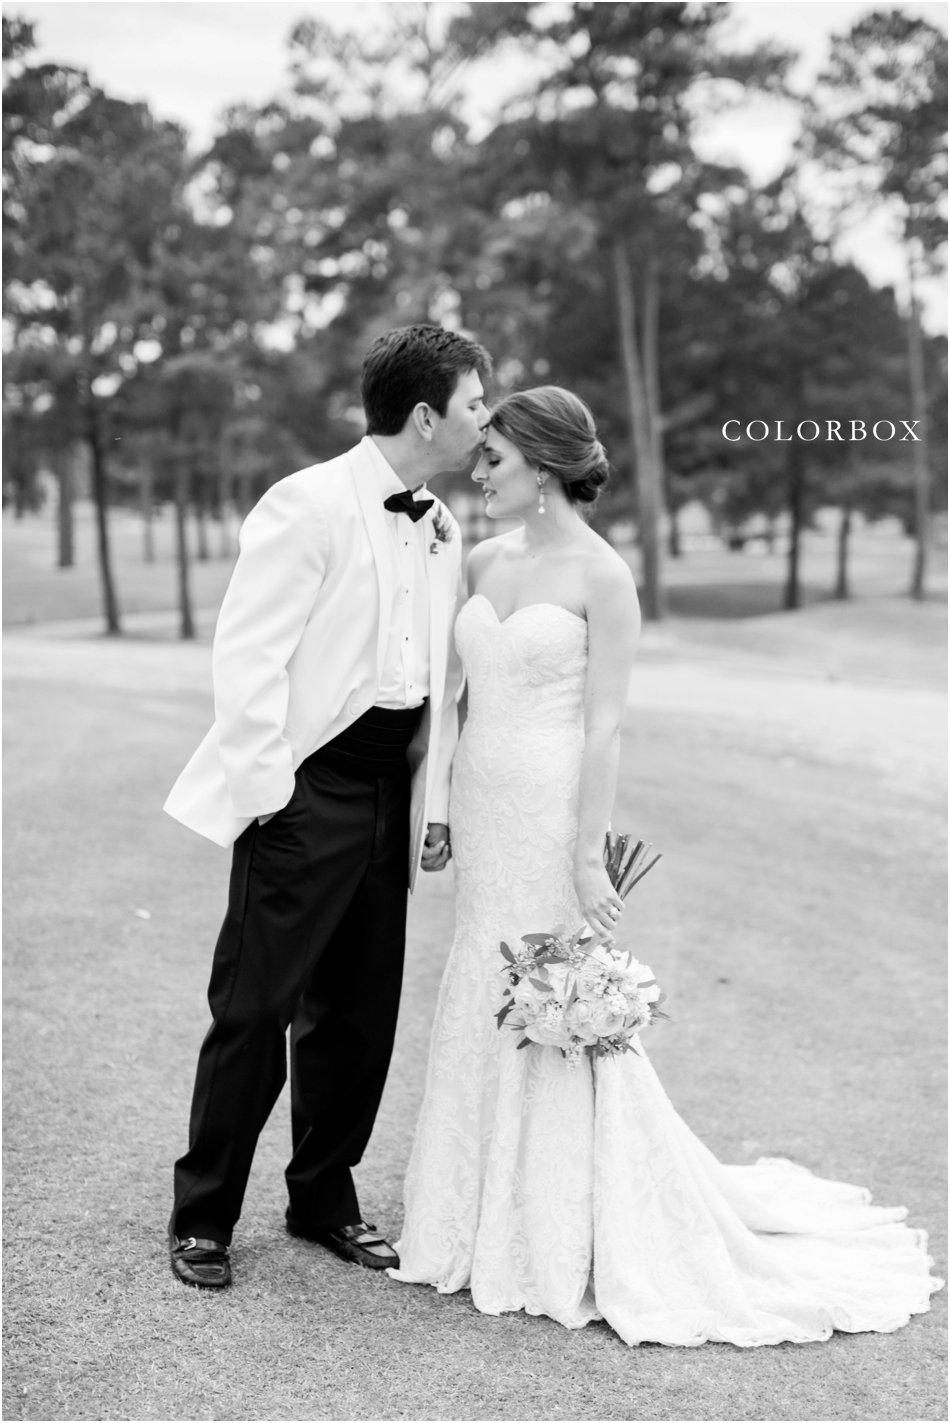 colorboxphotos_1047.jpg